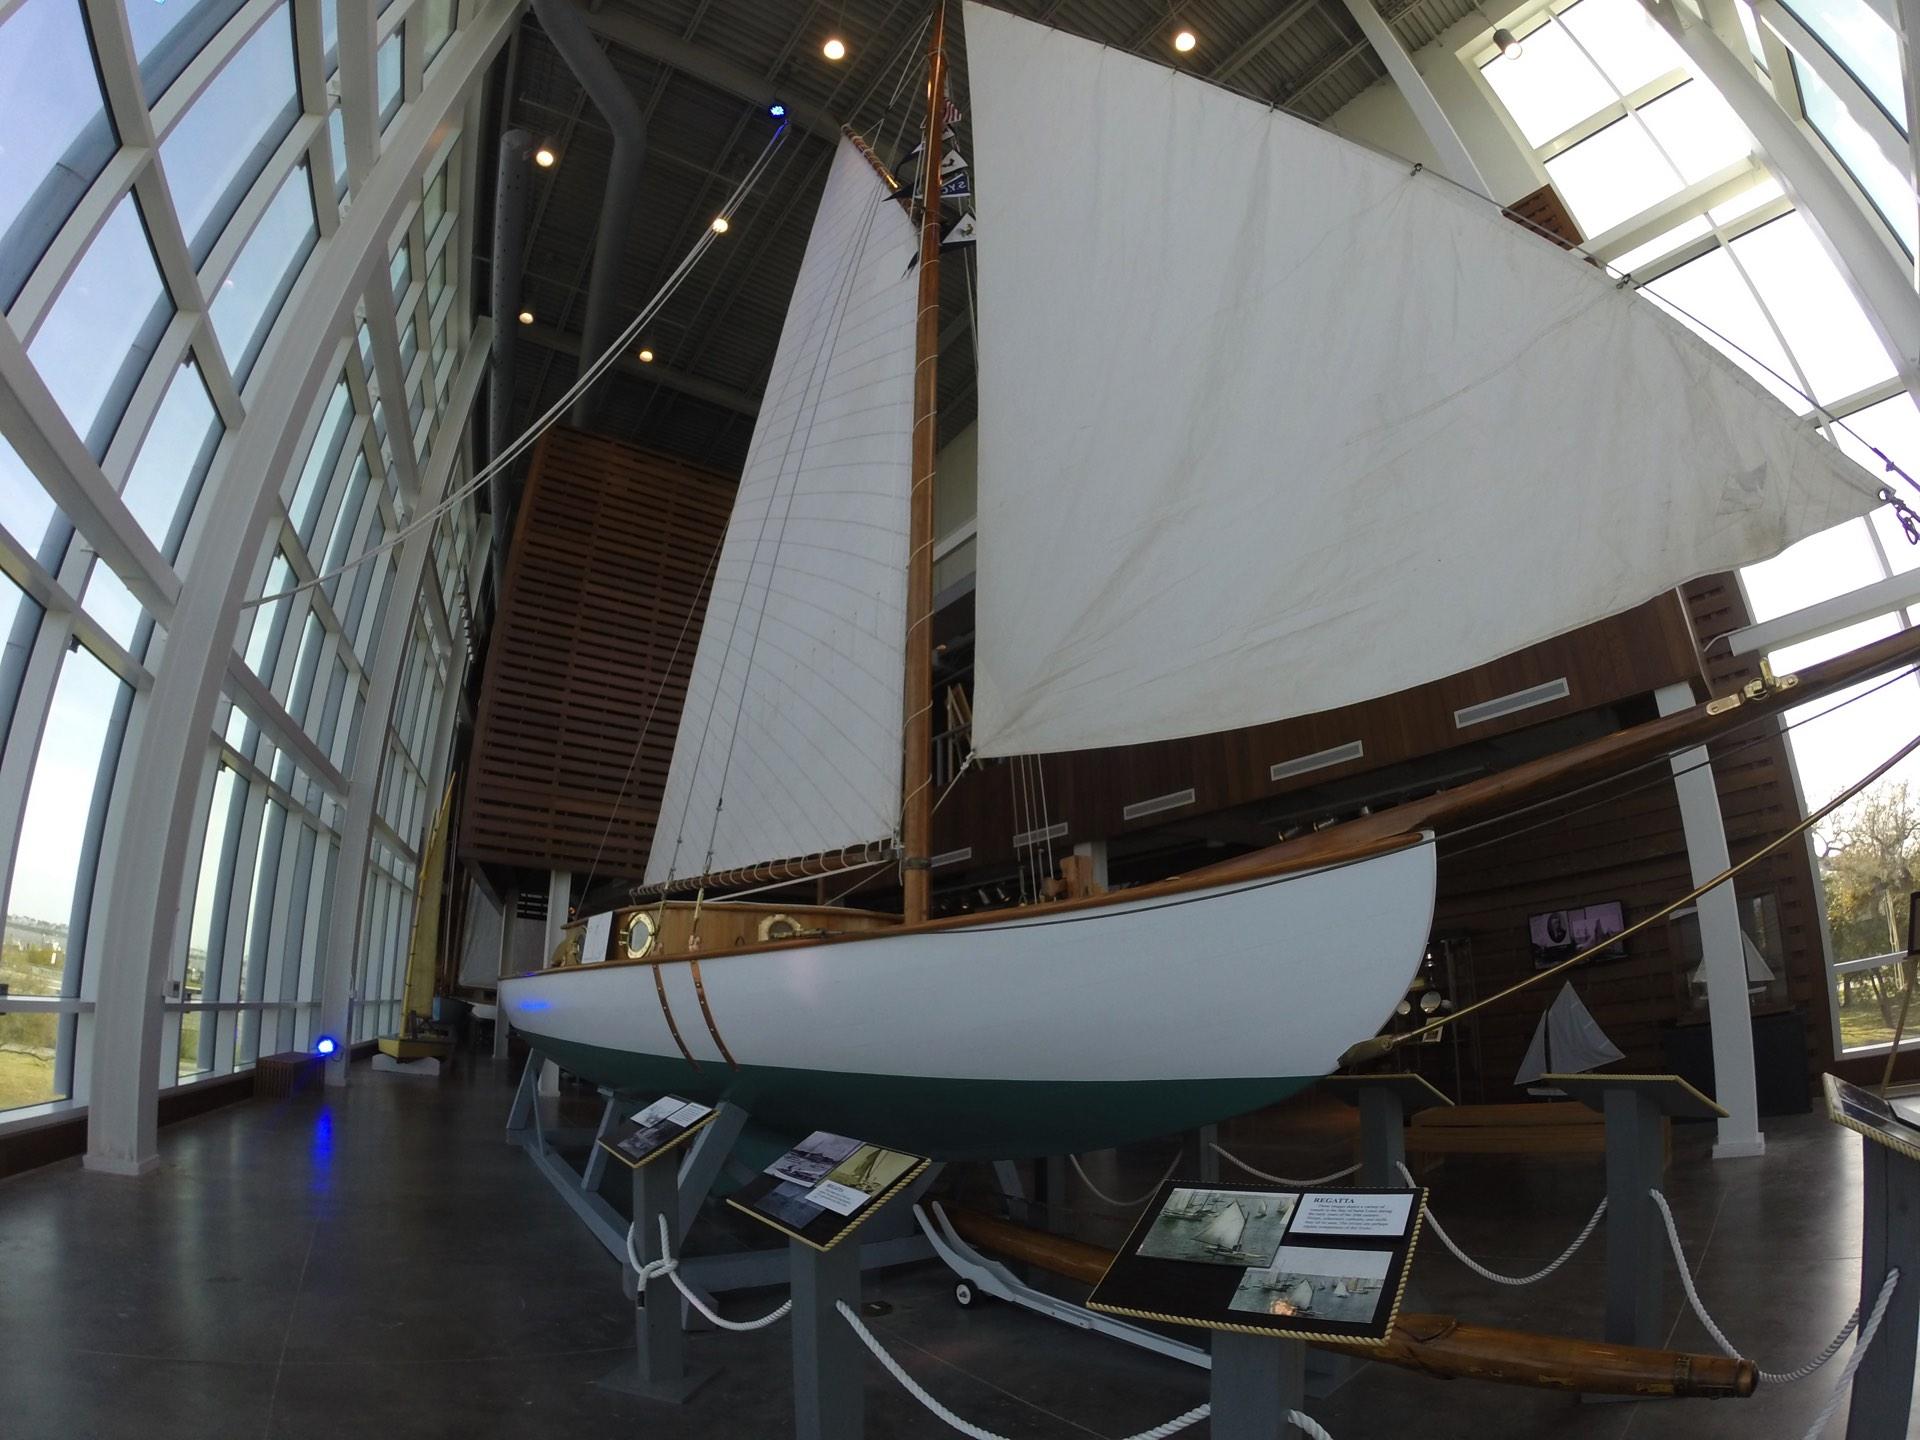 Mengenal Lebih Dekat Mengenai Museum Balto Maritime USA